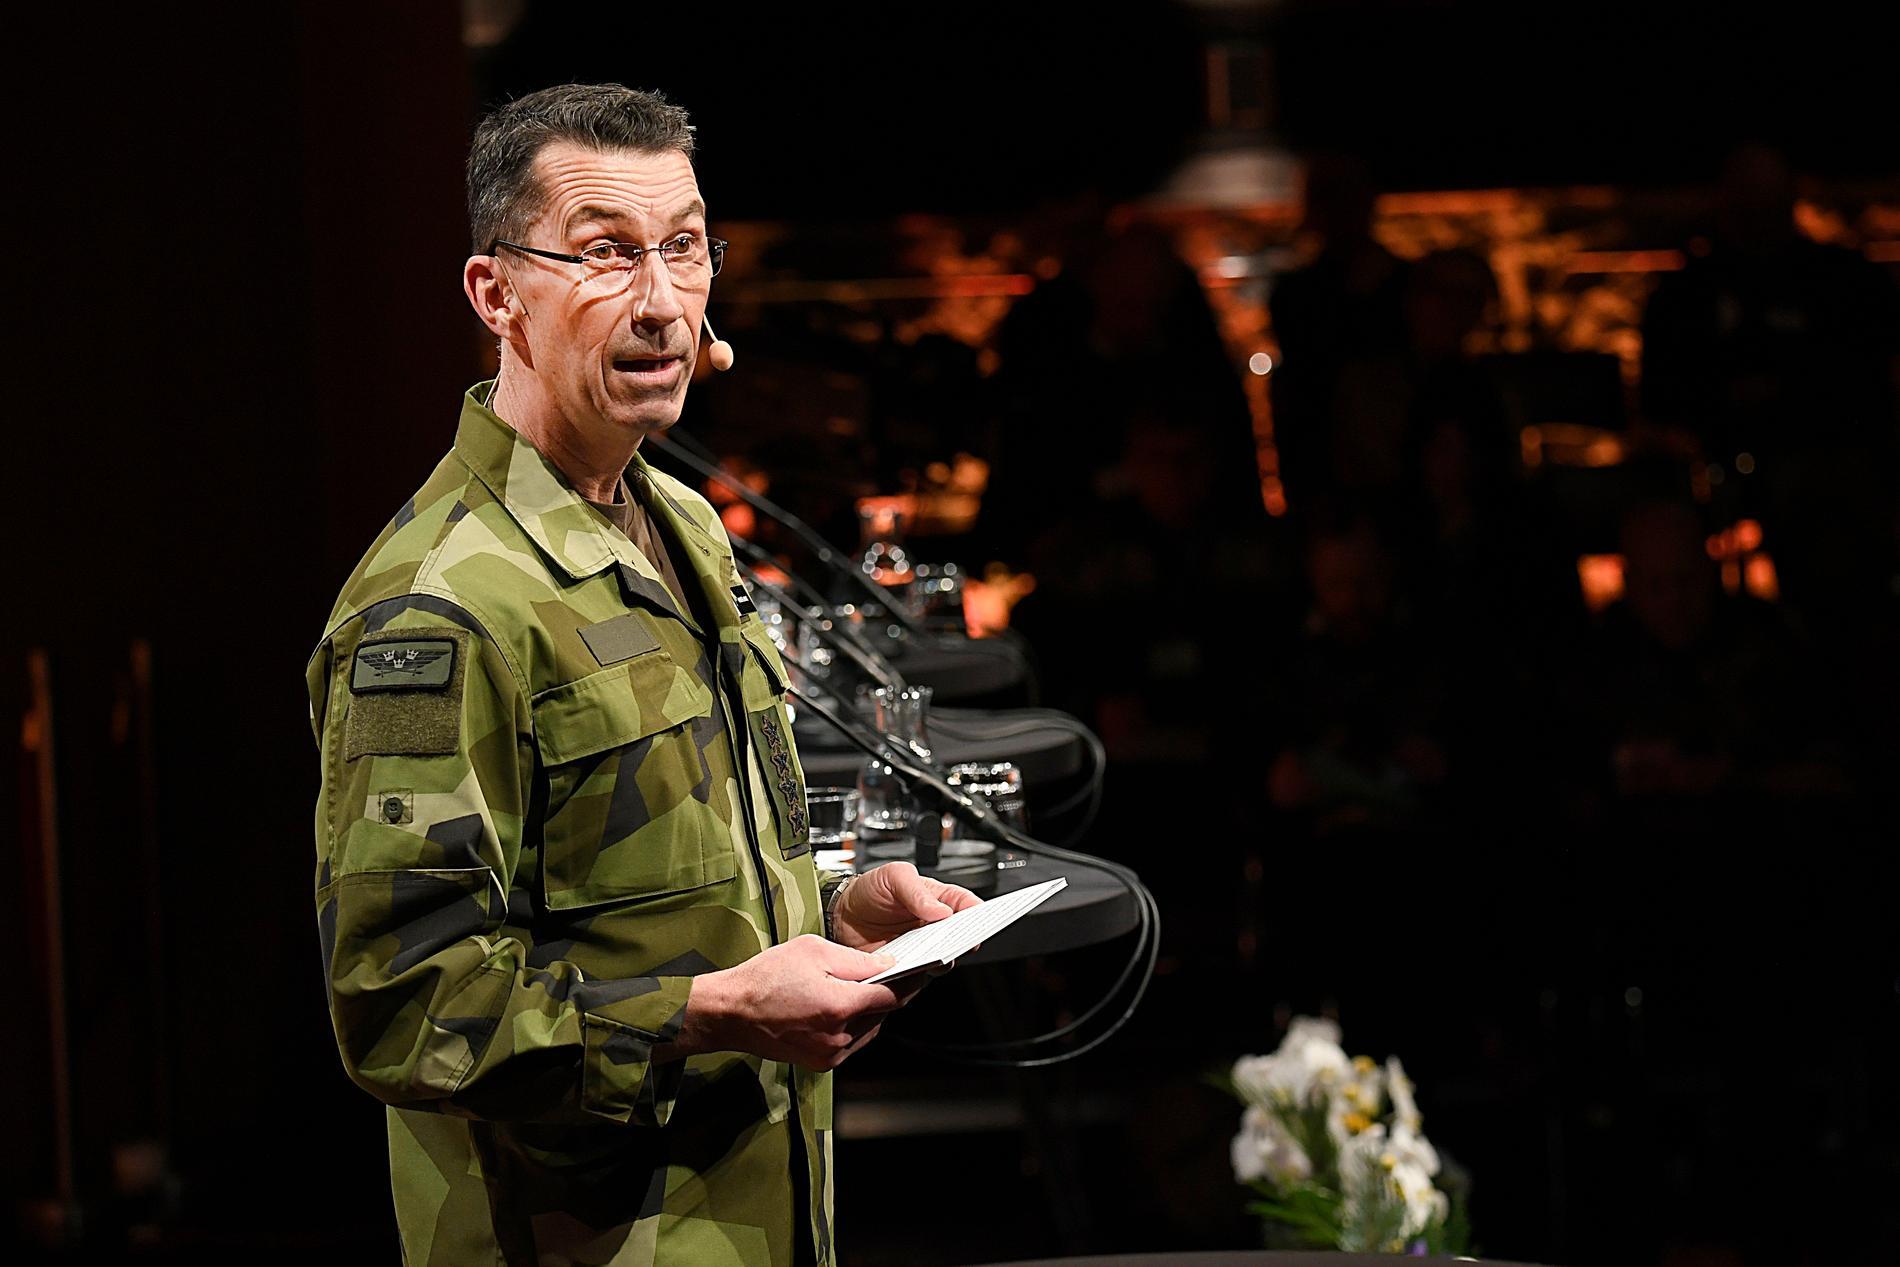 """ÖB Micael Bydén menar att Ryssland """"skakar om den europeiska säkerhetsstrukturen."""